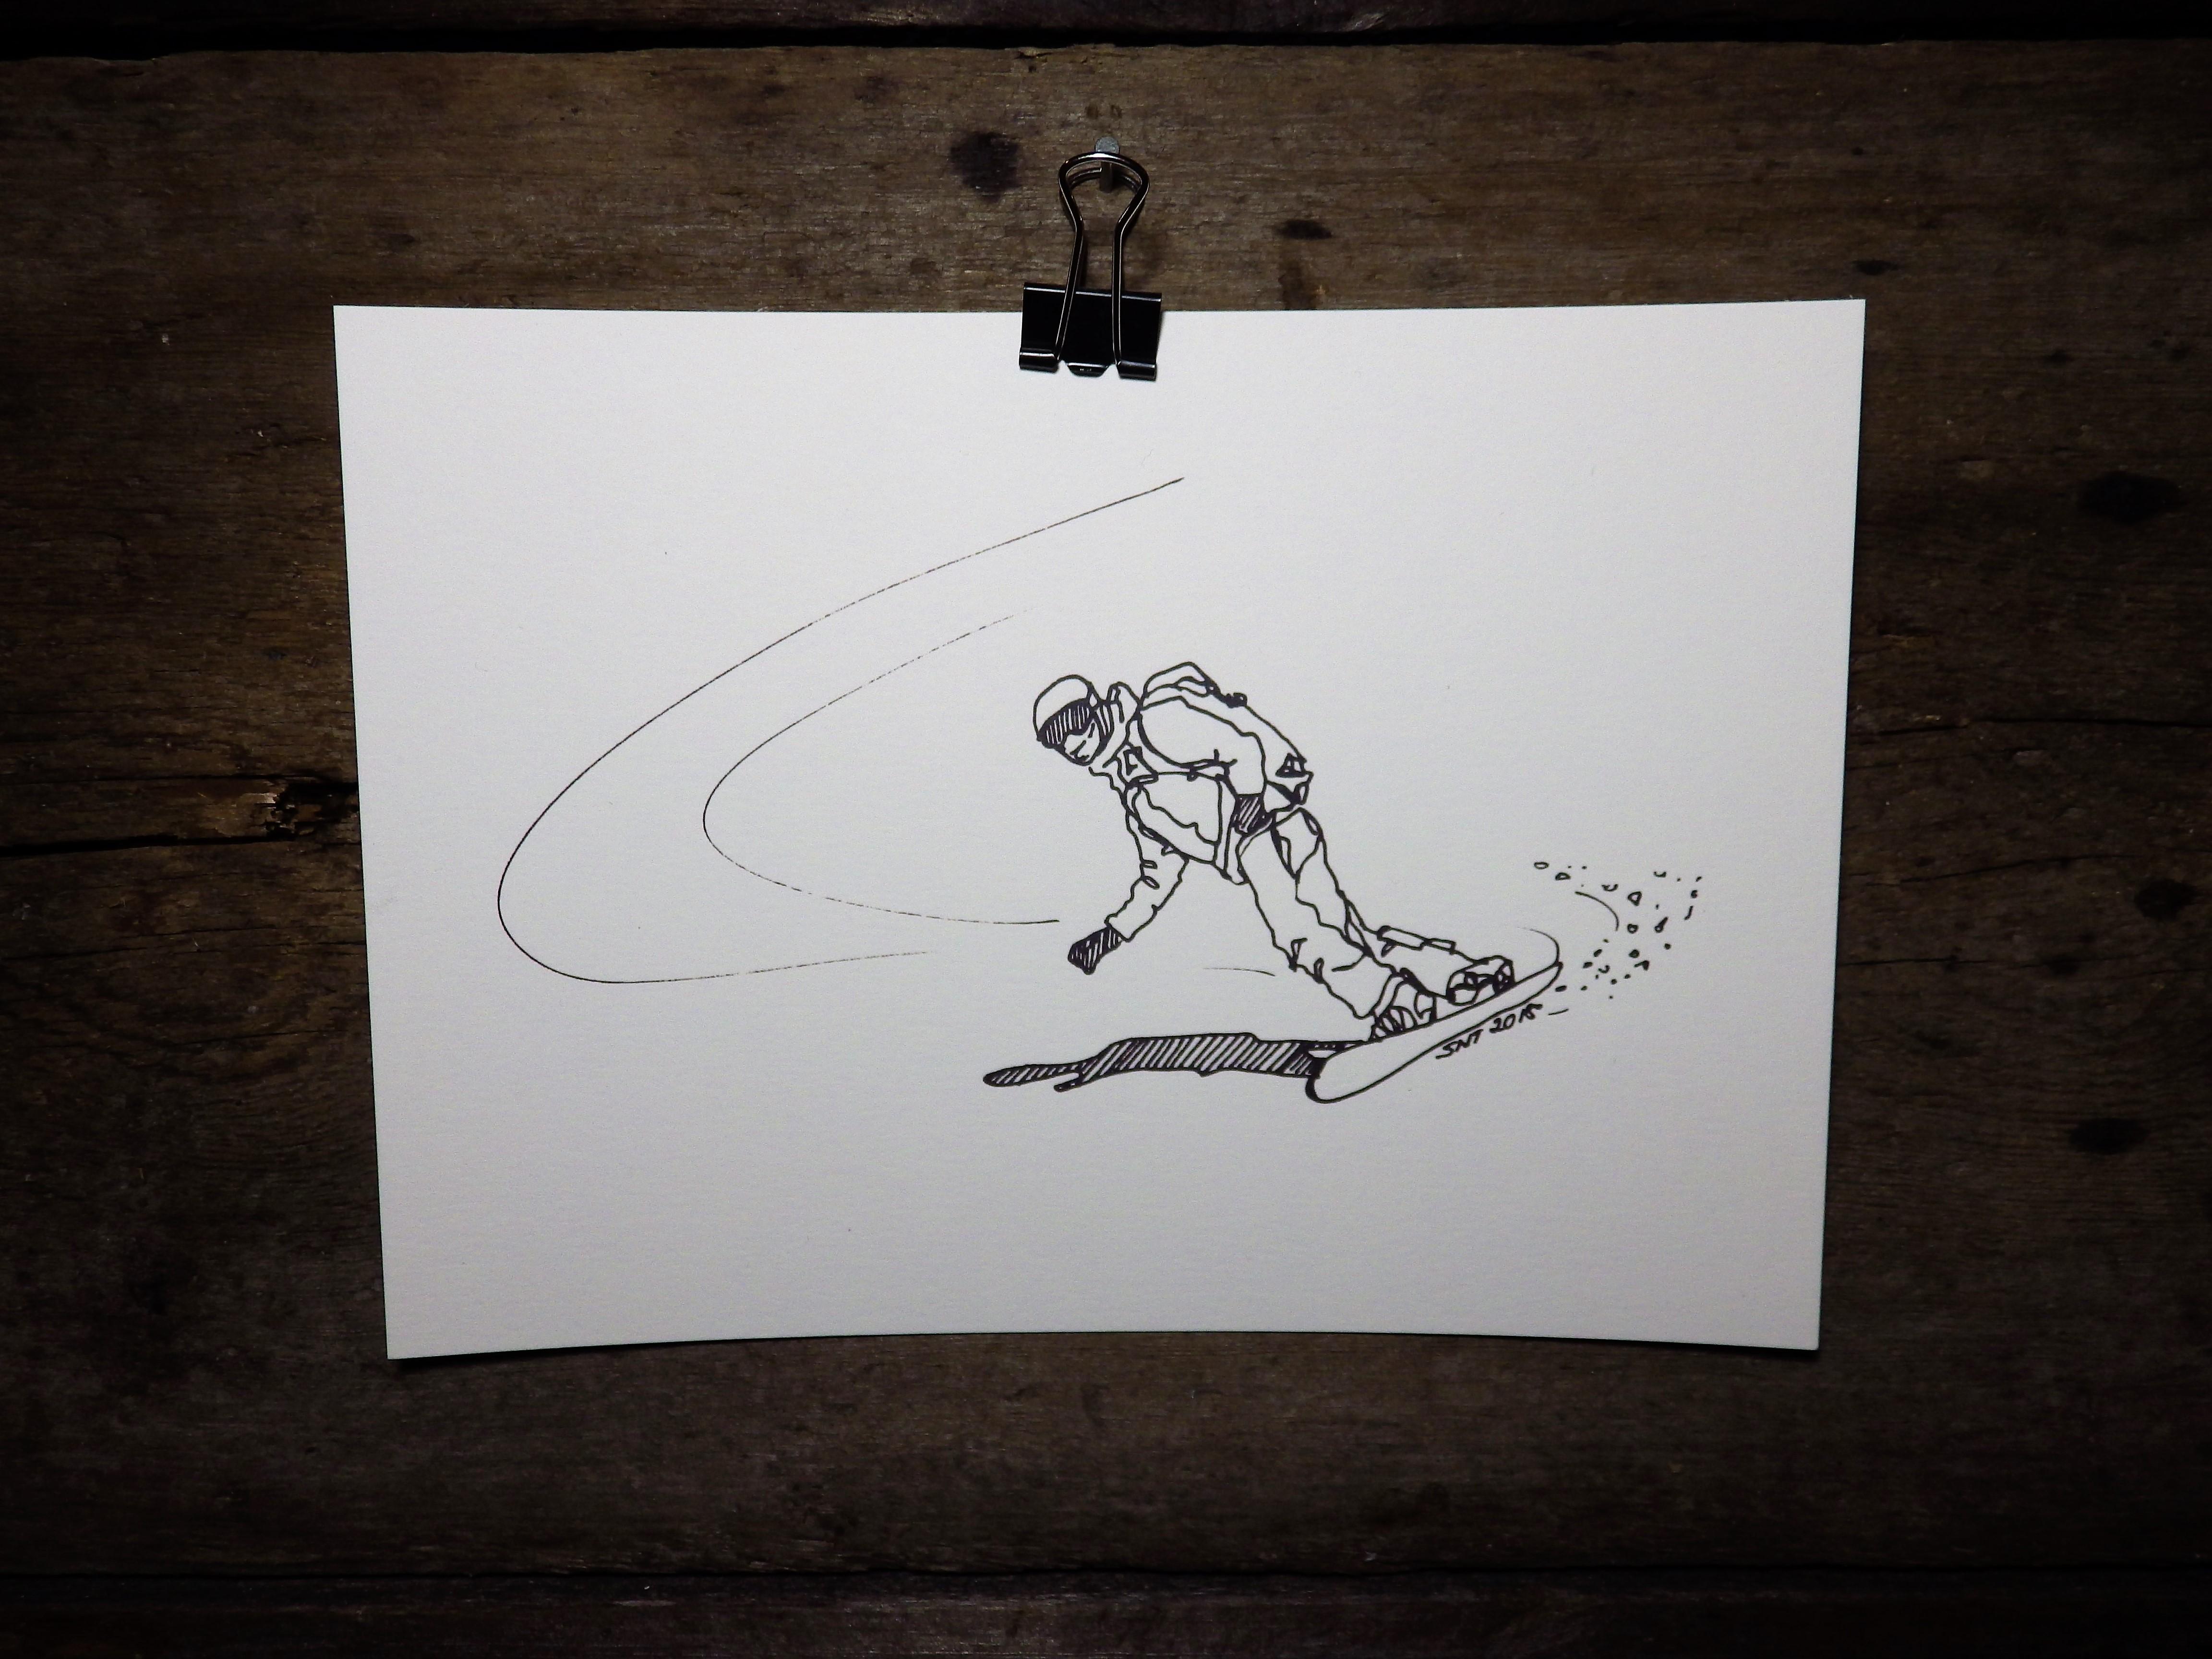 KONSTTRYCK - Snowboardåkare 2